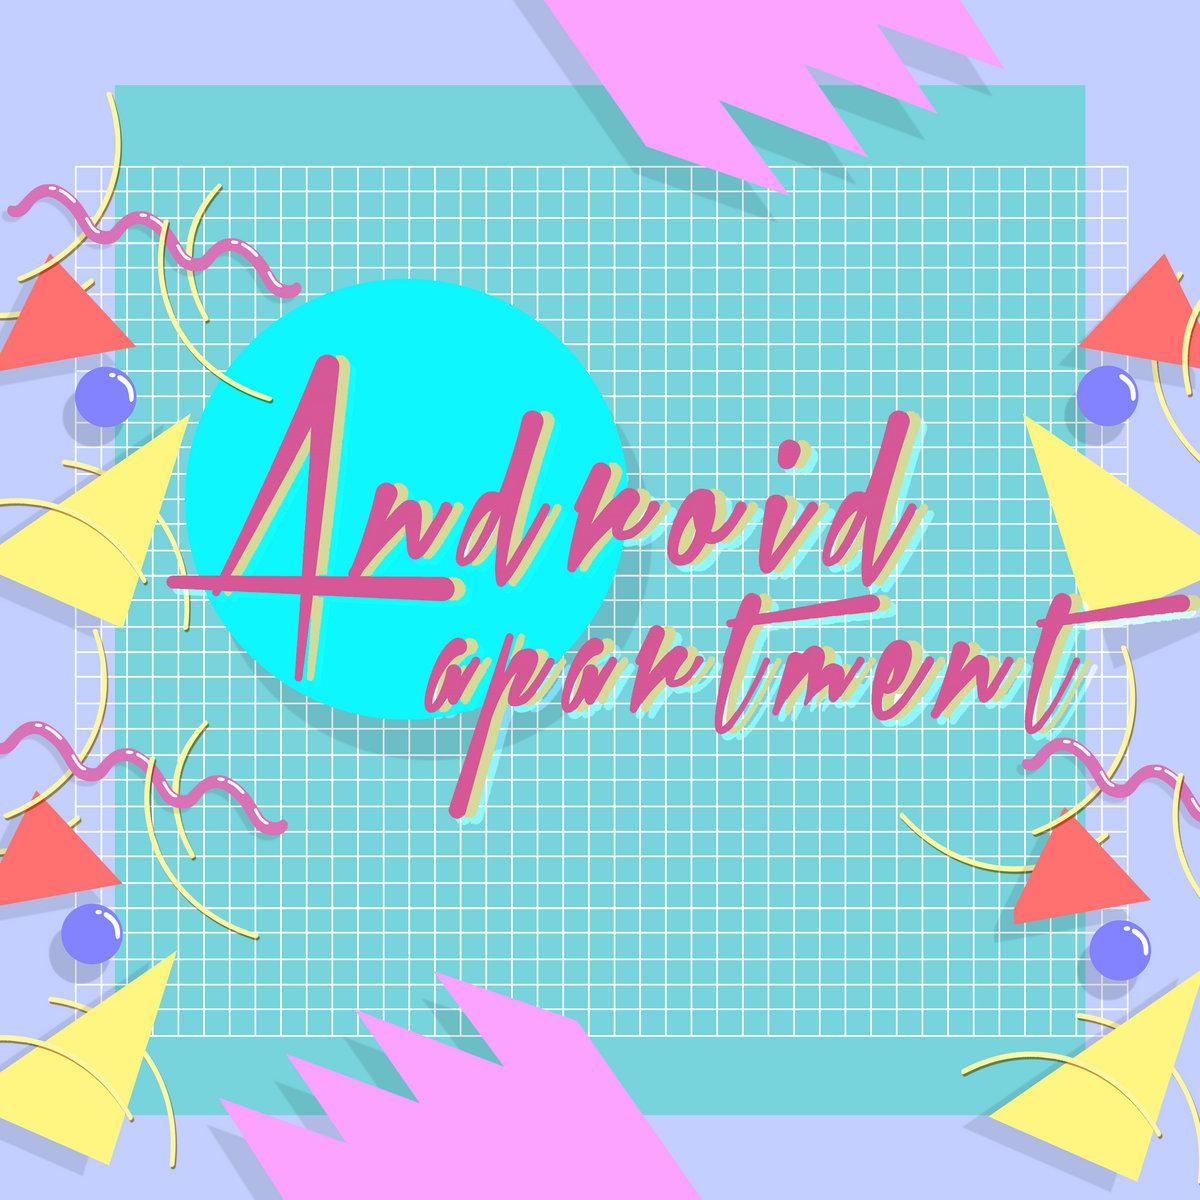 ラブレター love letters from the past summer 悲しい android